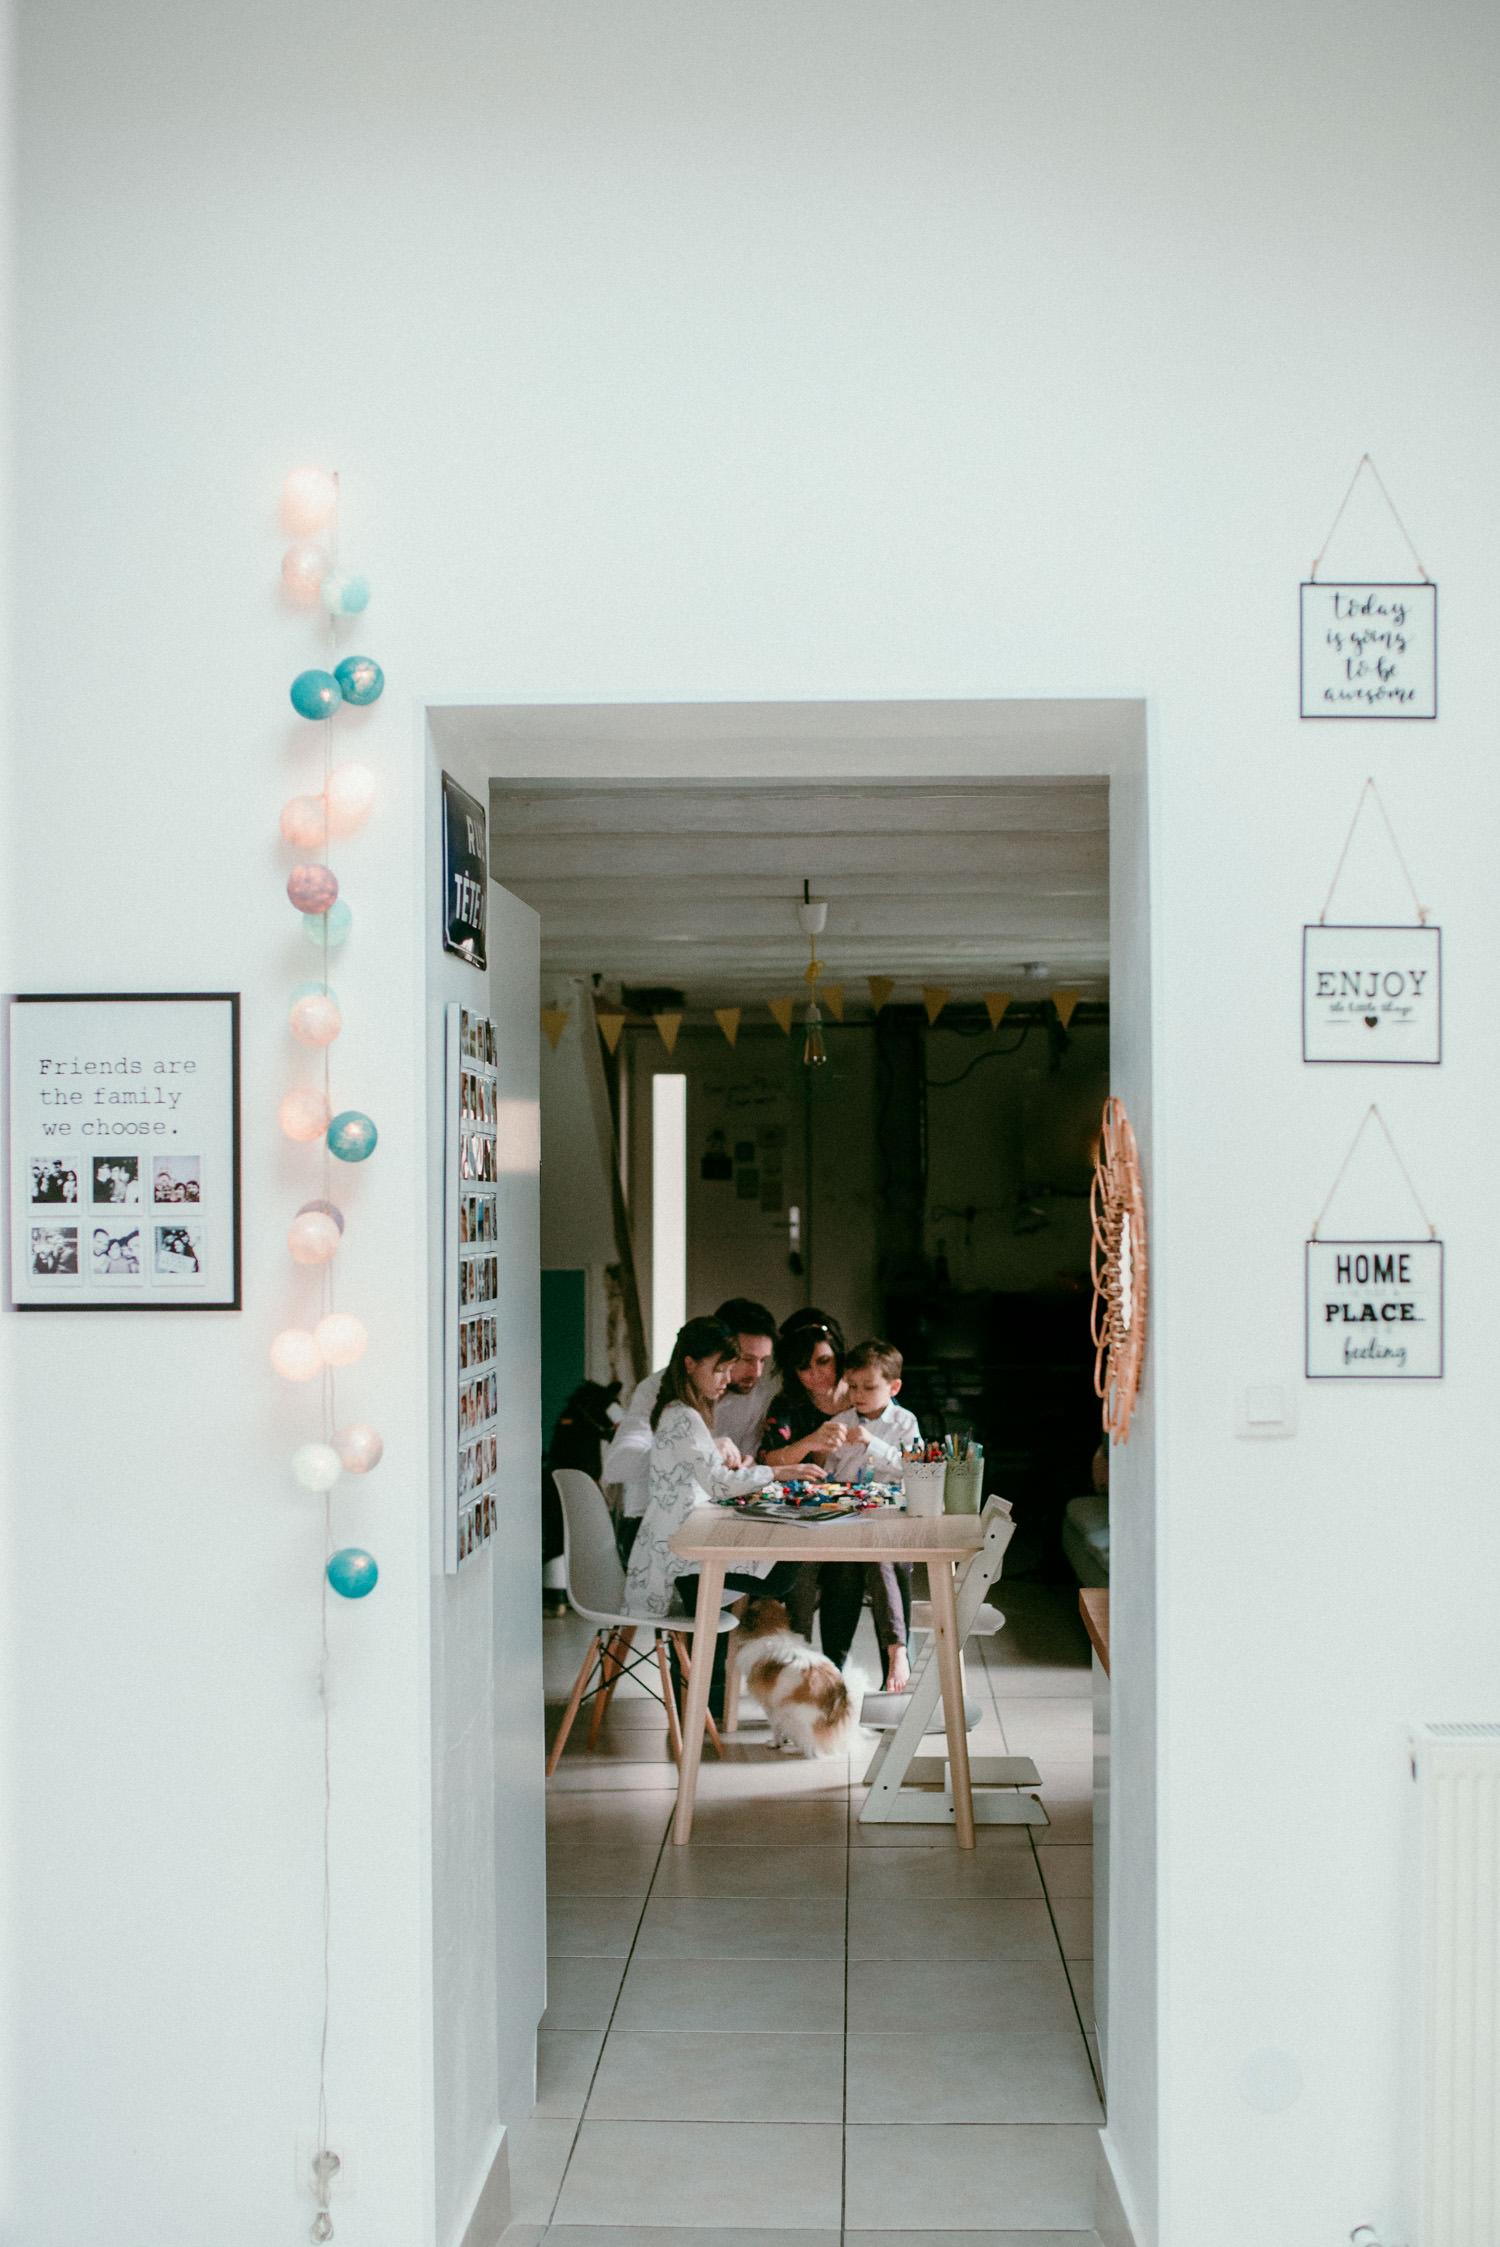 Une famille est assise a la table et joue ensemble pendant une seance photo lifestyle